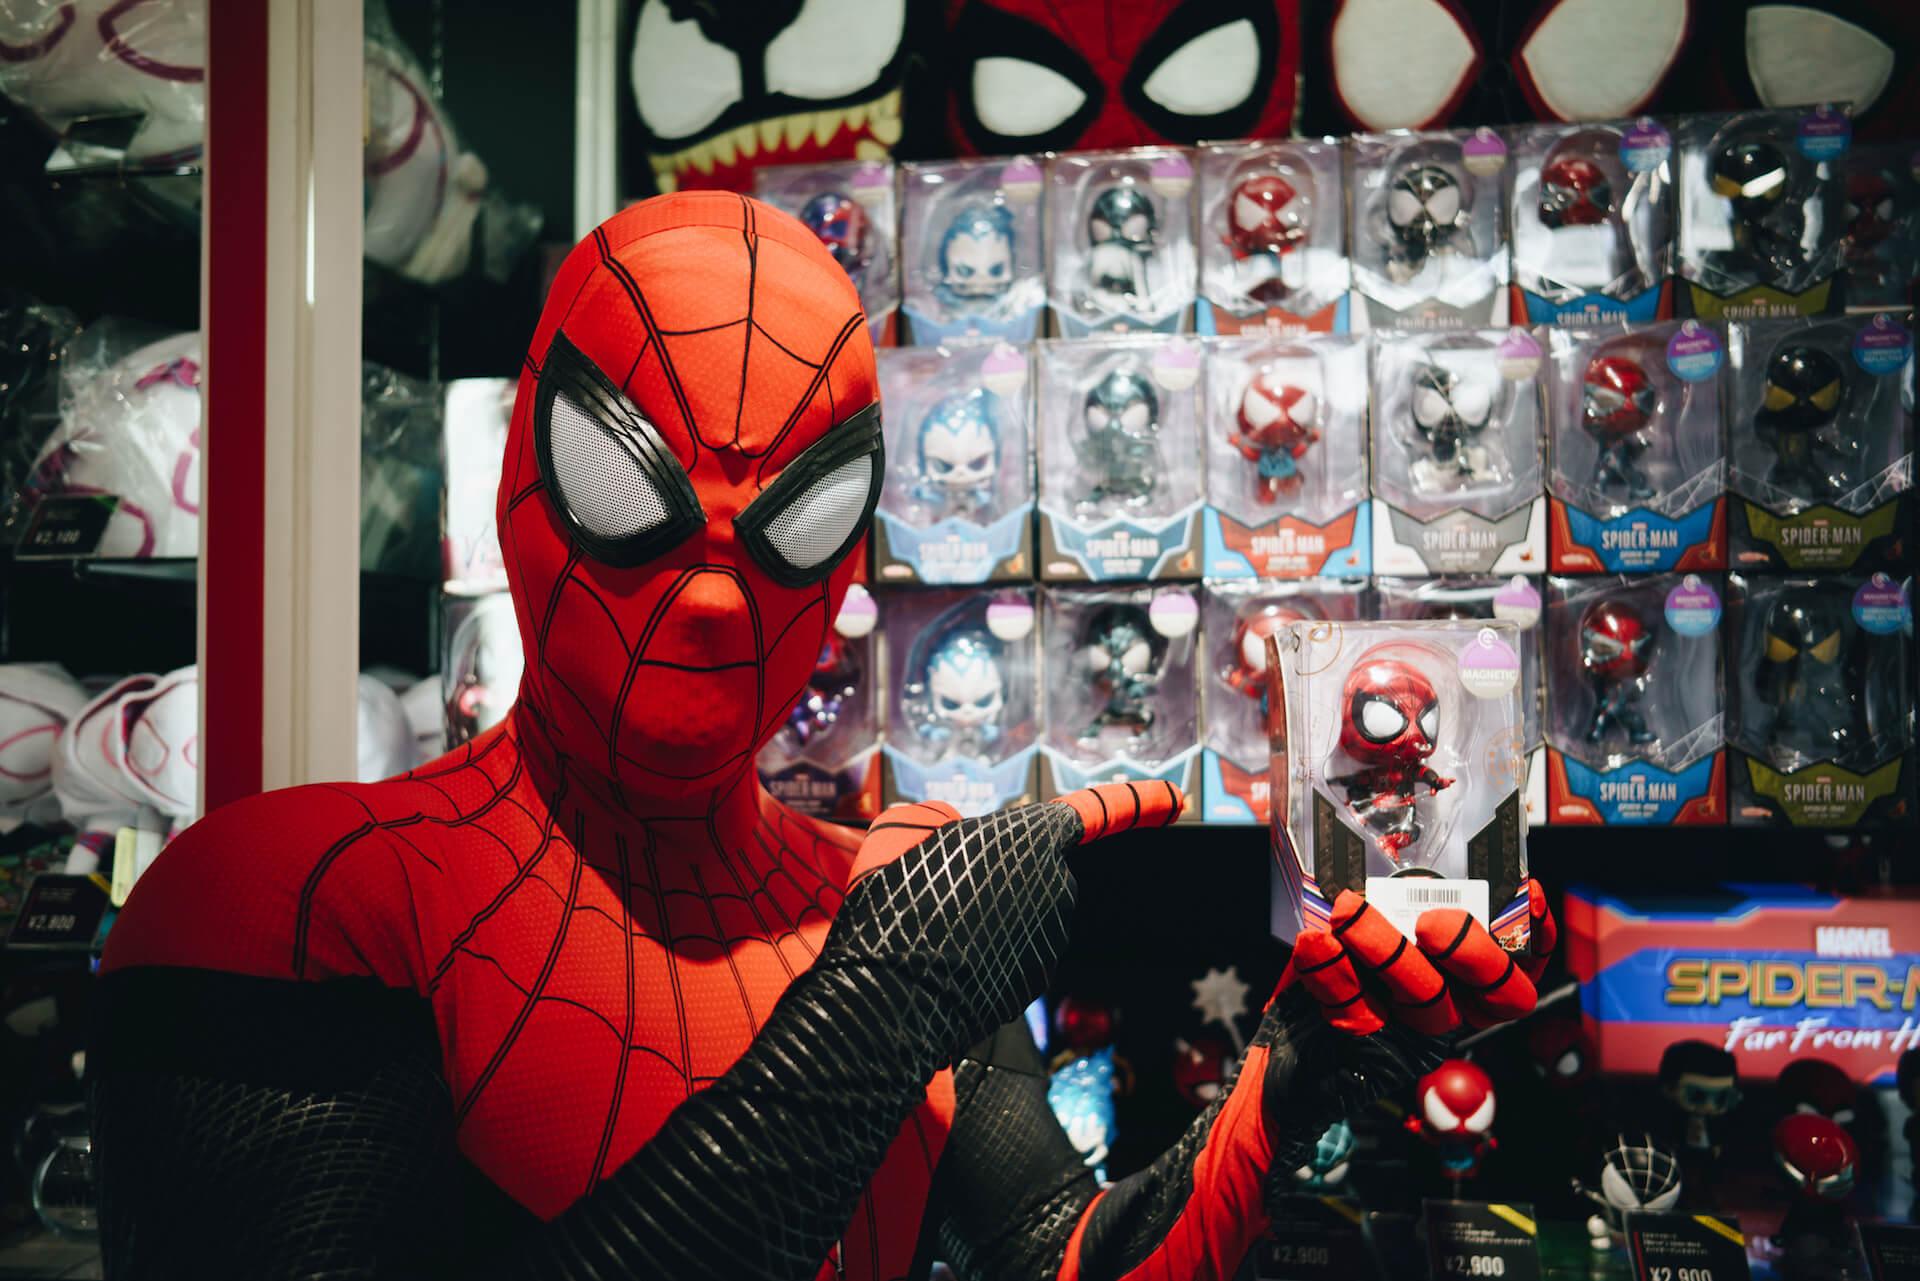 スパイダーマン好きなら目ギラギラ大興奮必至の期間限定ショップ探訪 art-culture-spiderman-store-report-13